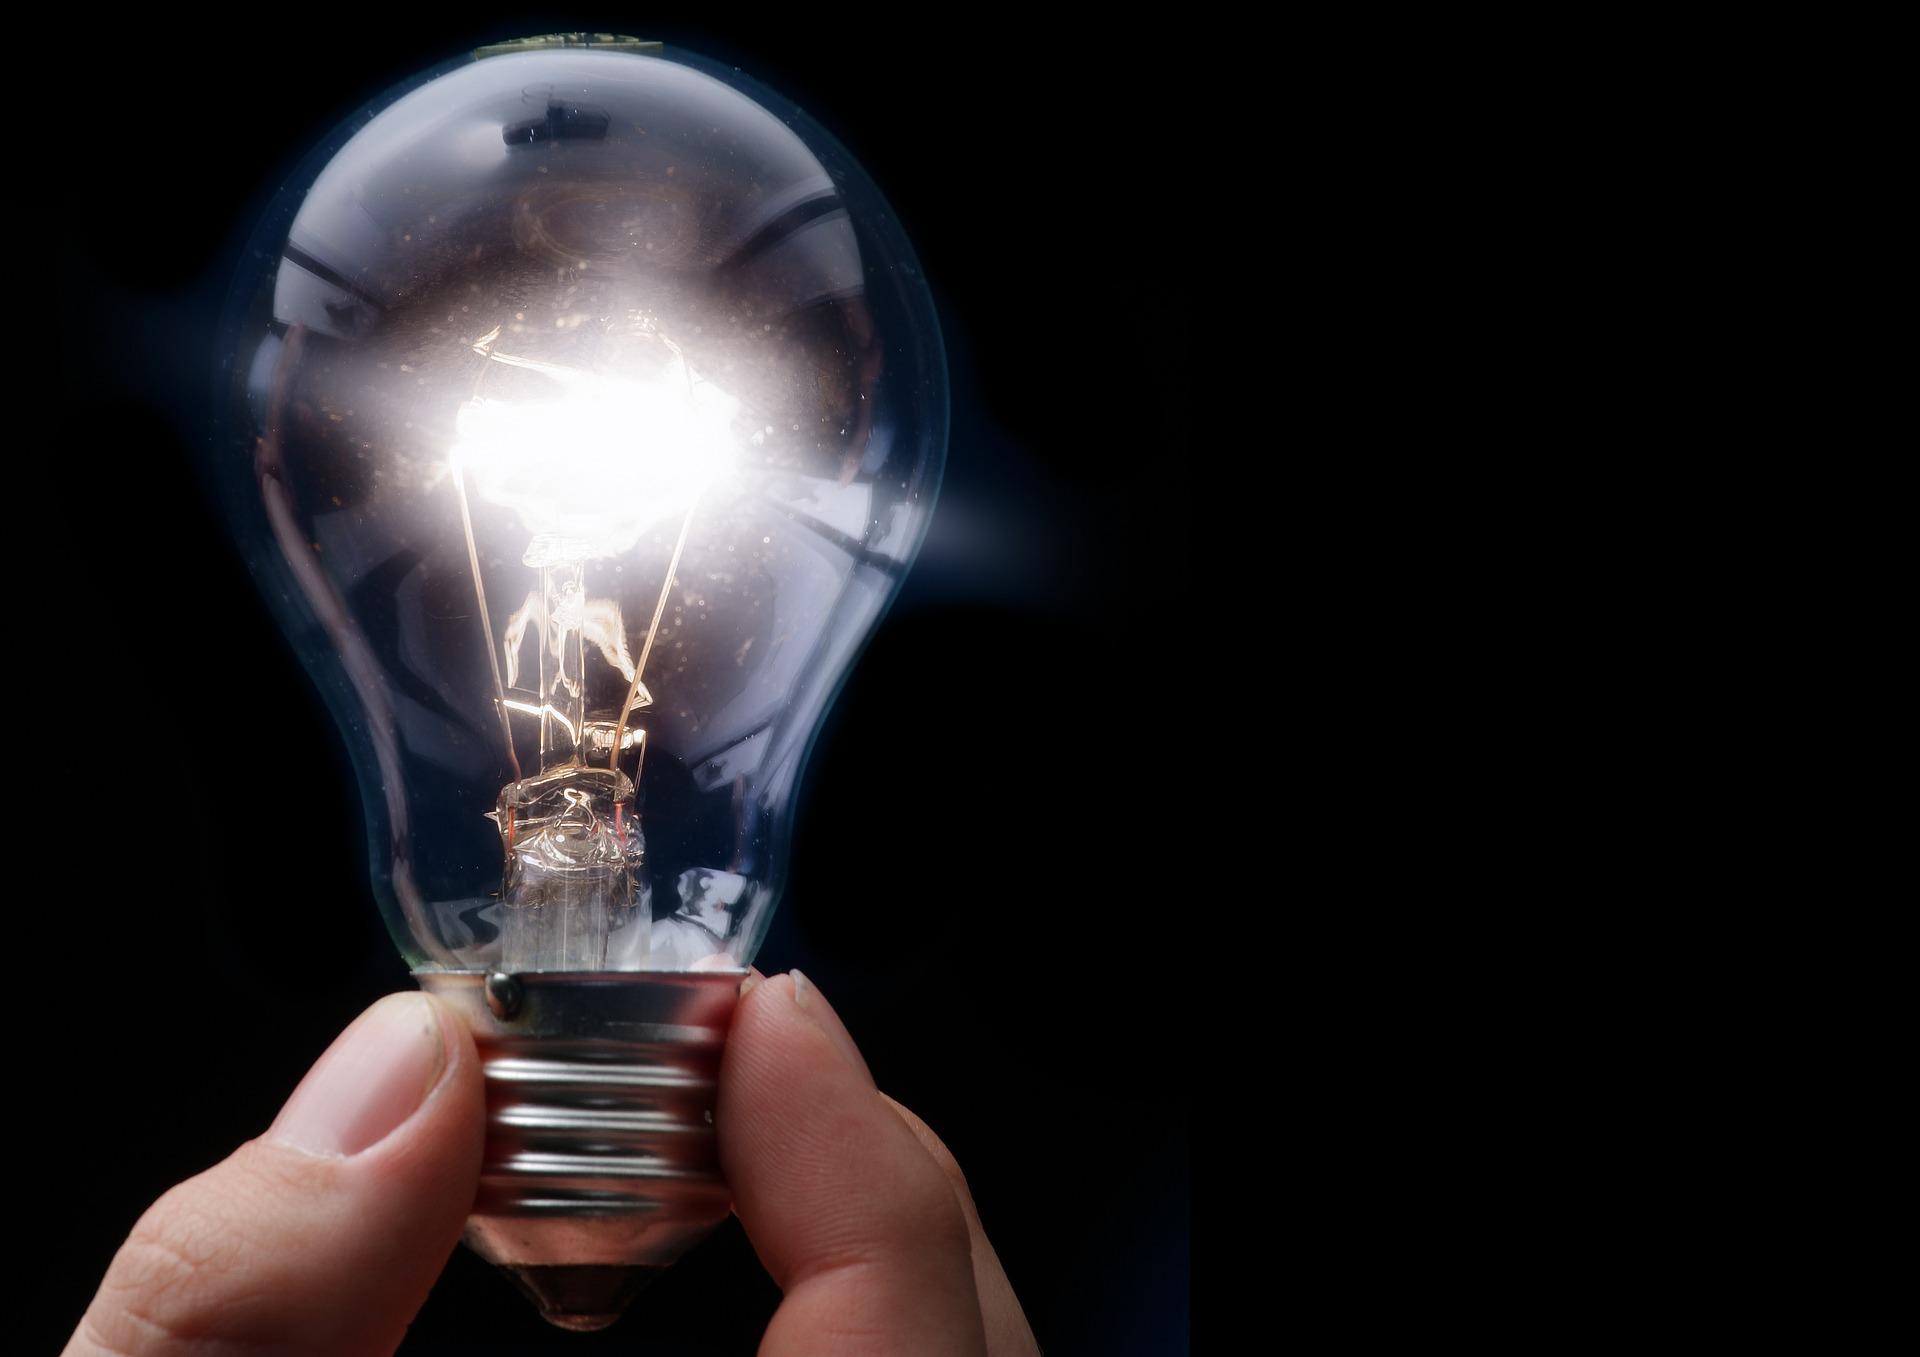 Felkapcsolt villanykörte egy emberi kézben